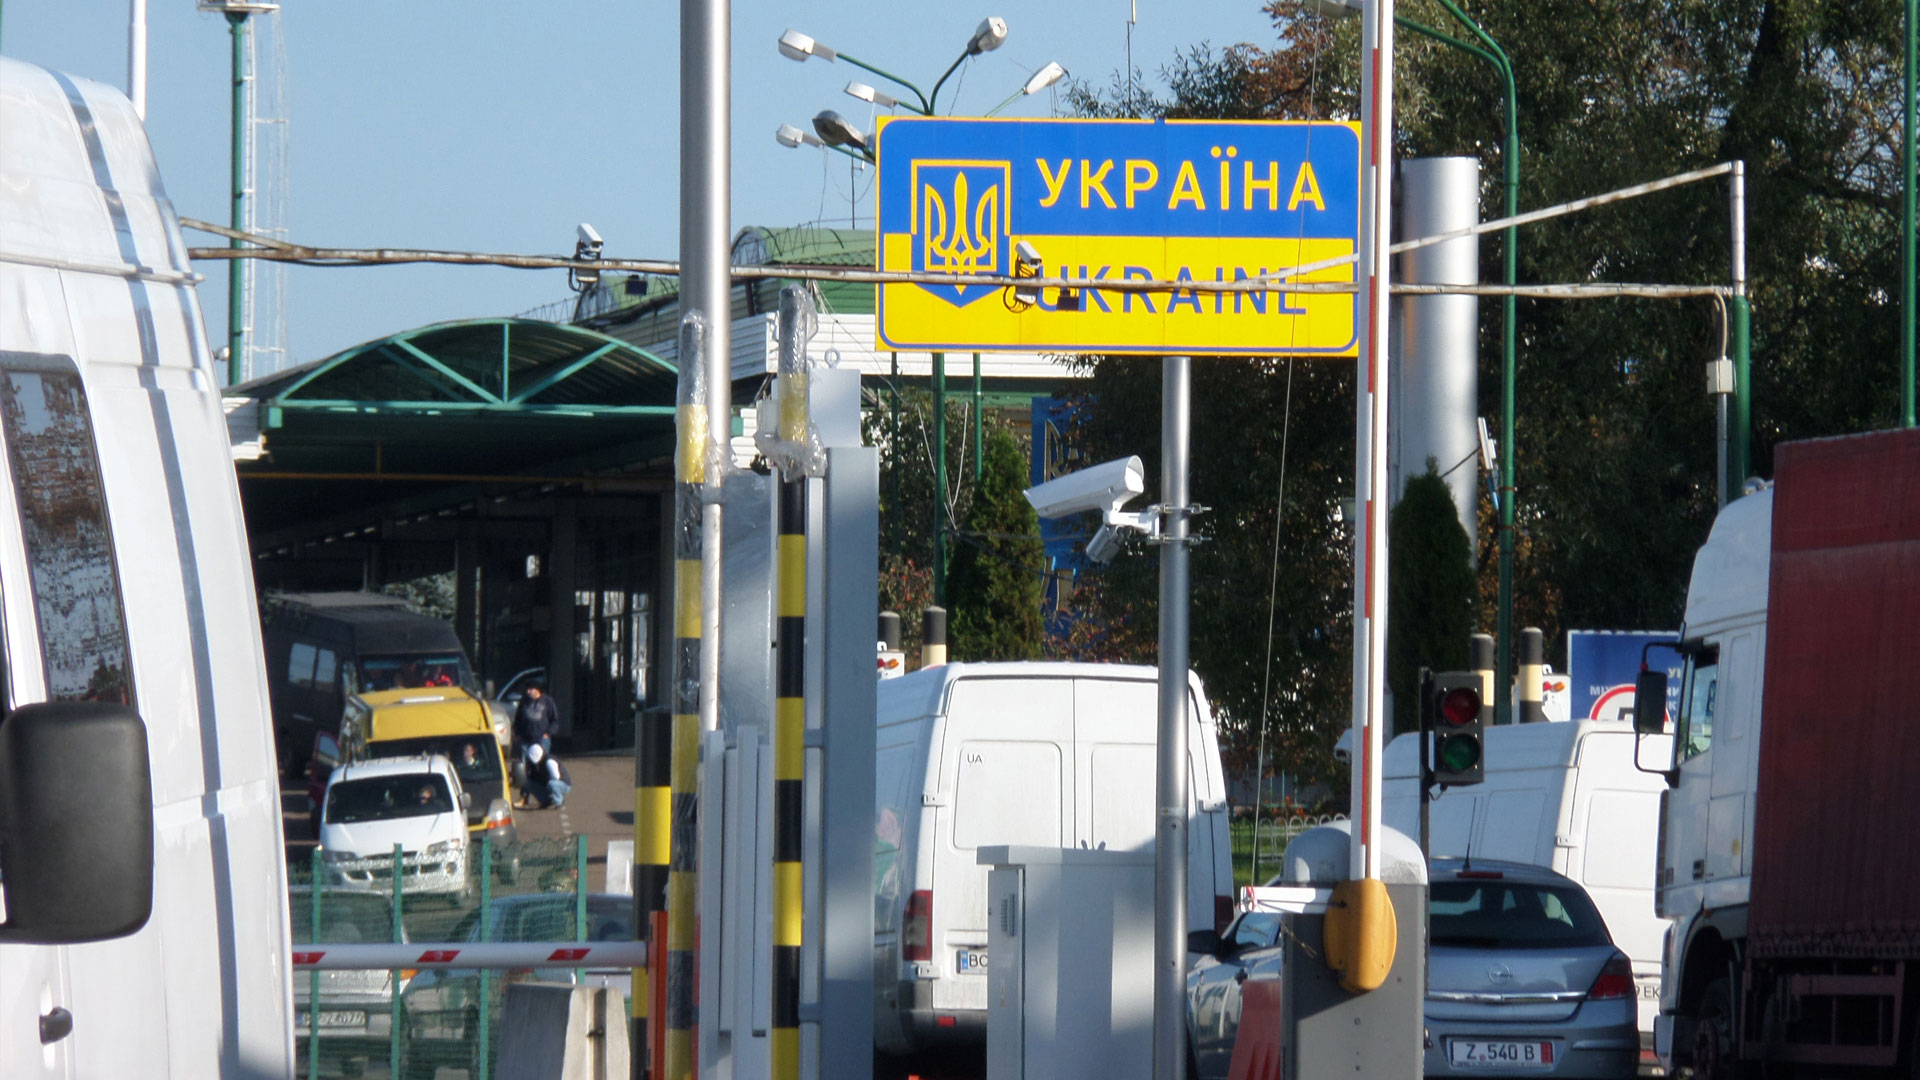 Przekraczanie granicy z Ukrainą. Jak to wygląda? Gdzie najszybciej? Jak najlepiej?